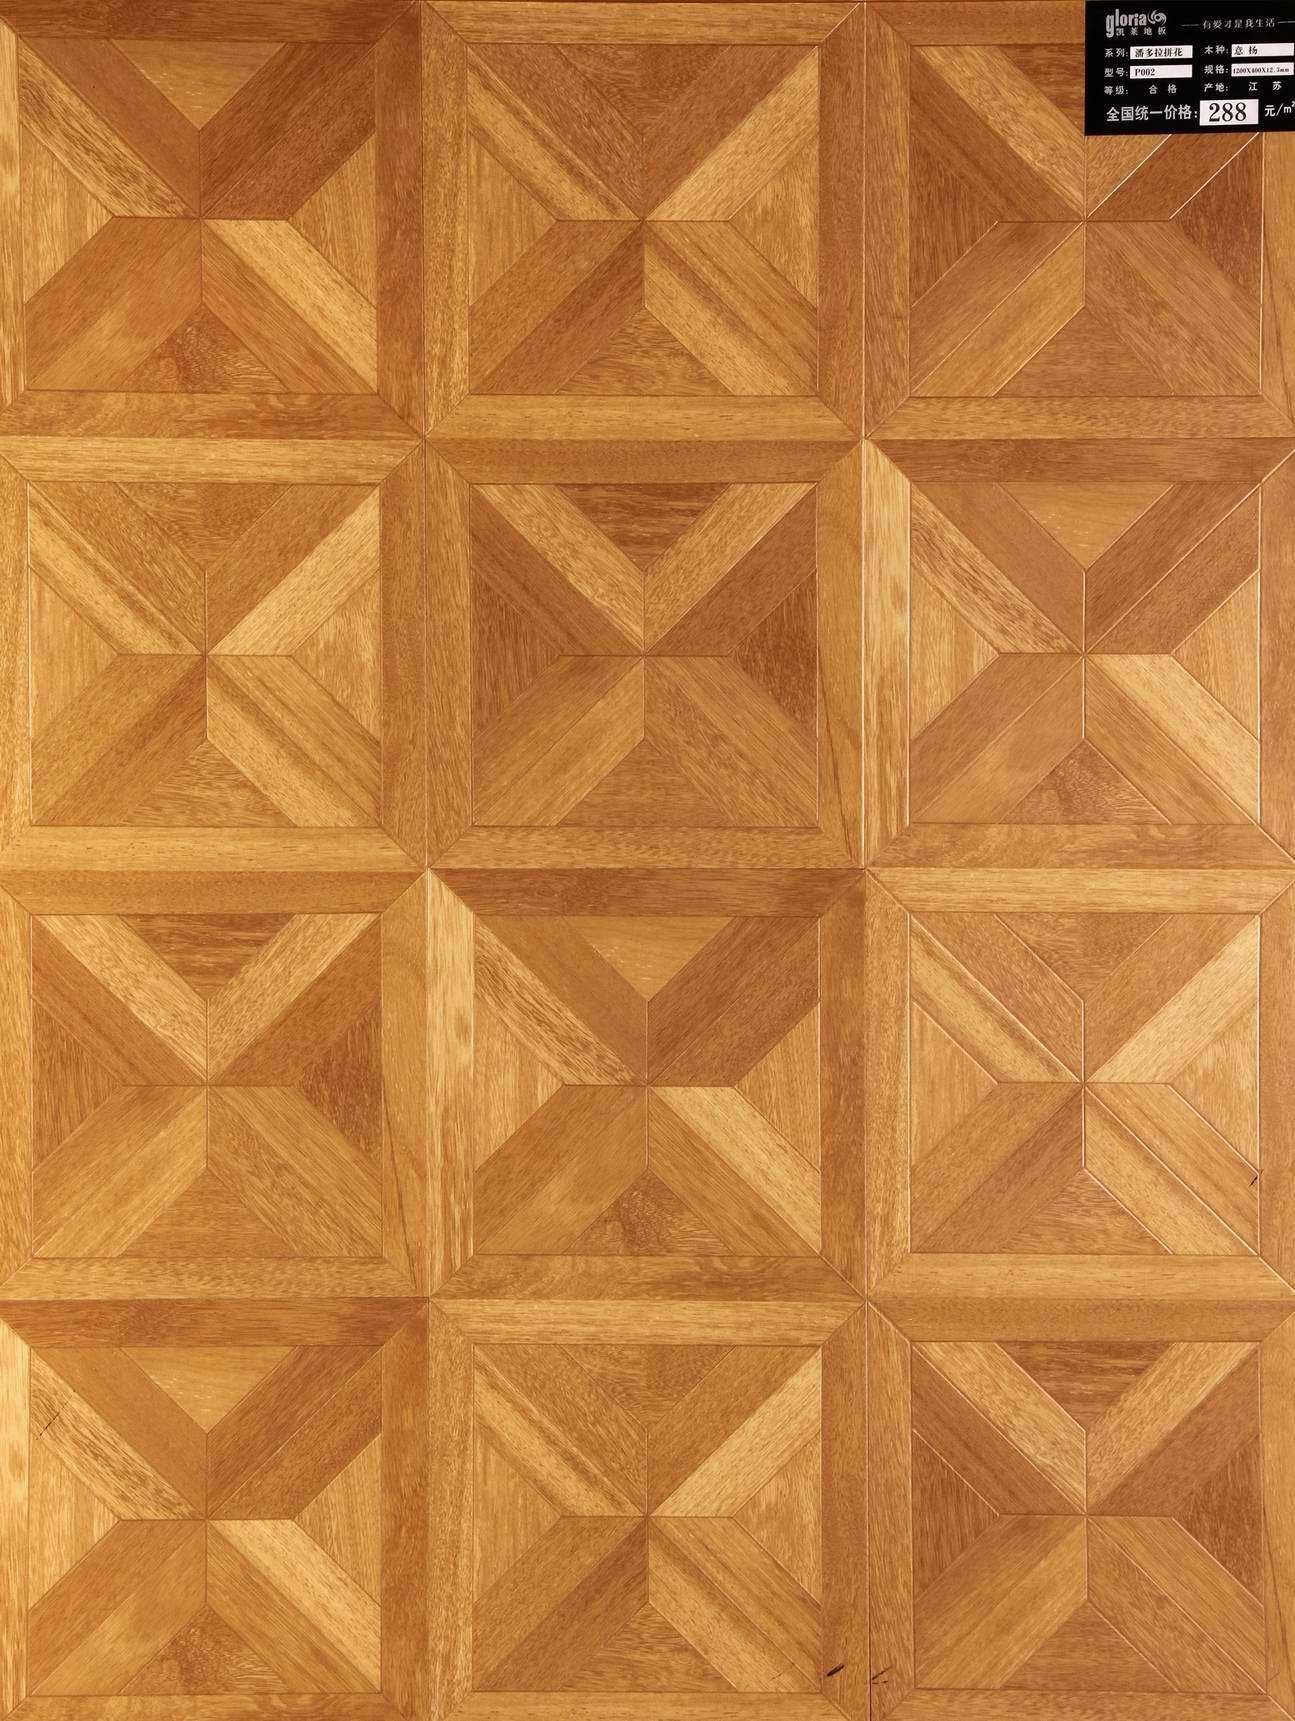 China Parquet Flooring (P002) - large image for Parquet